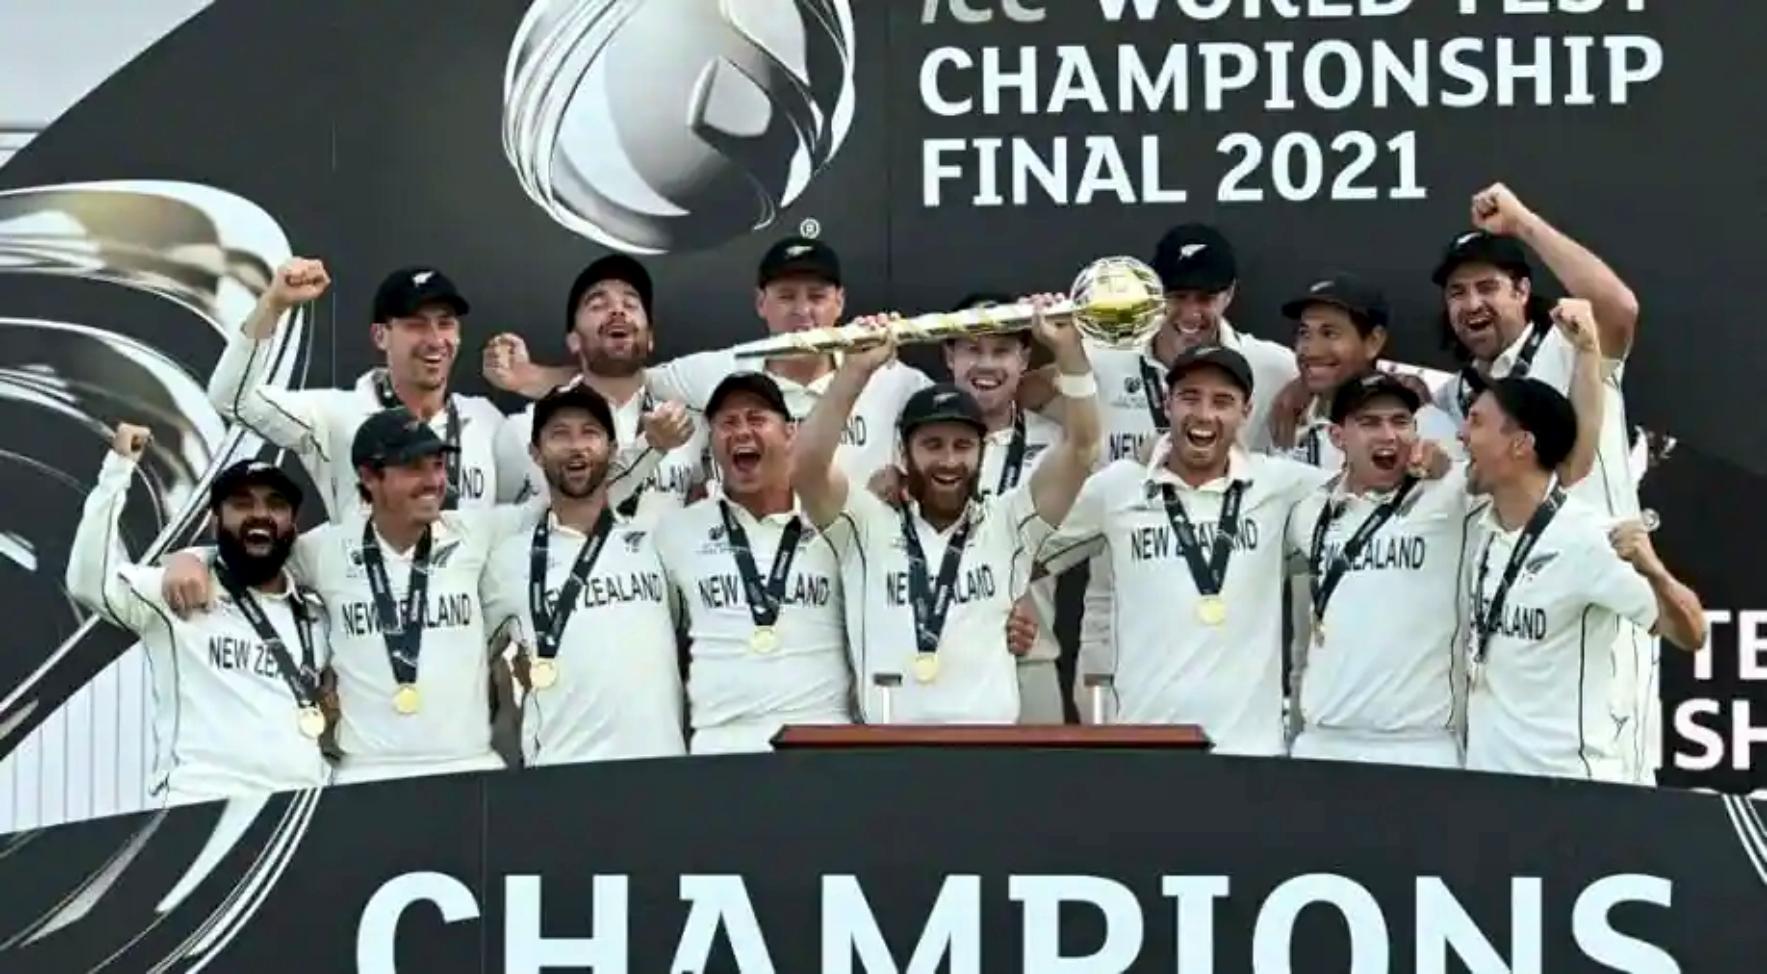 आईसीसी विश्व टेस्ट च्याम्पियनसिपको उपाधि न्युजिल्याण्डलाई